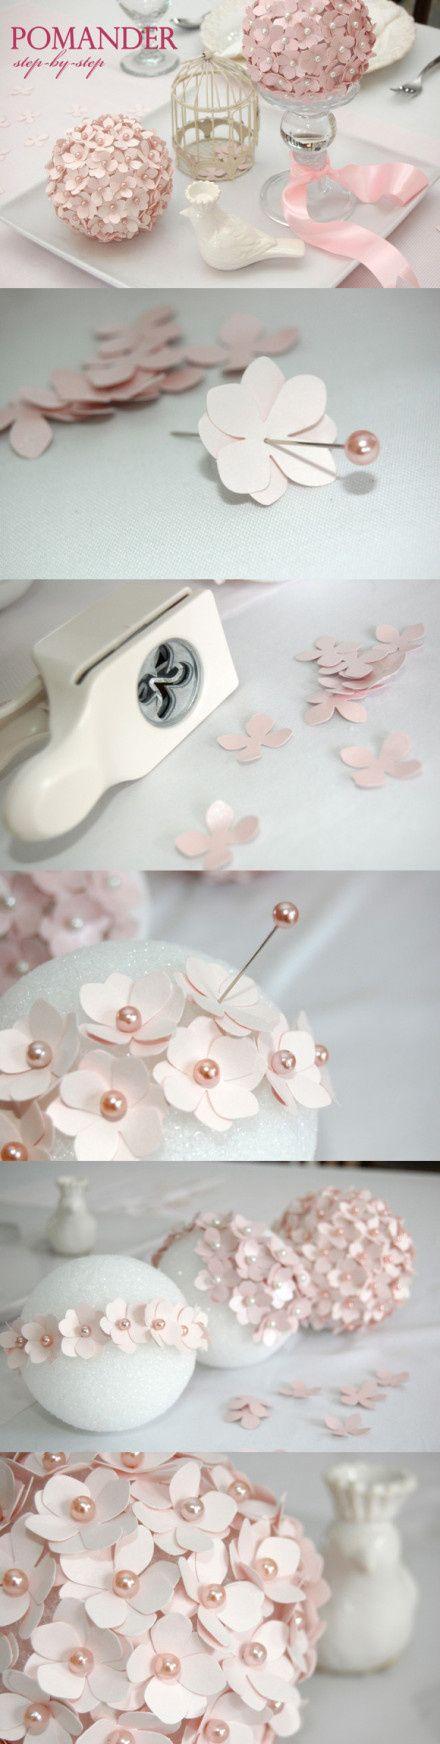 Bola de isopor, ouro rosa e pérola alfinetes coloridos, flor de perfuração e papel impresso, dois de cada.